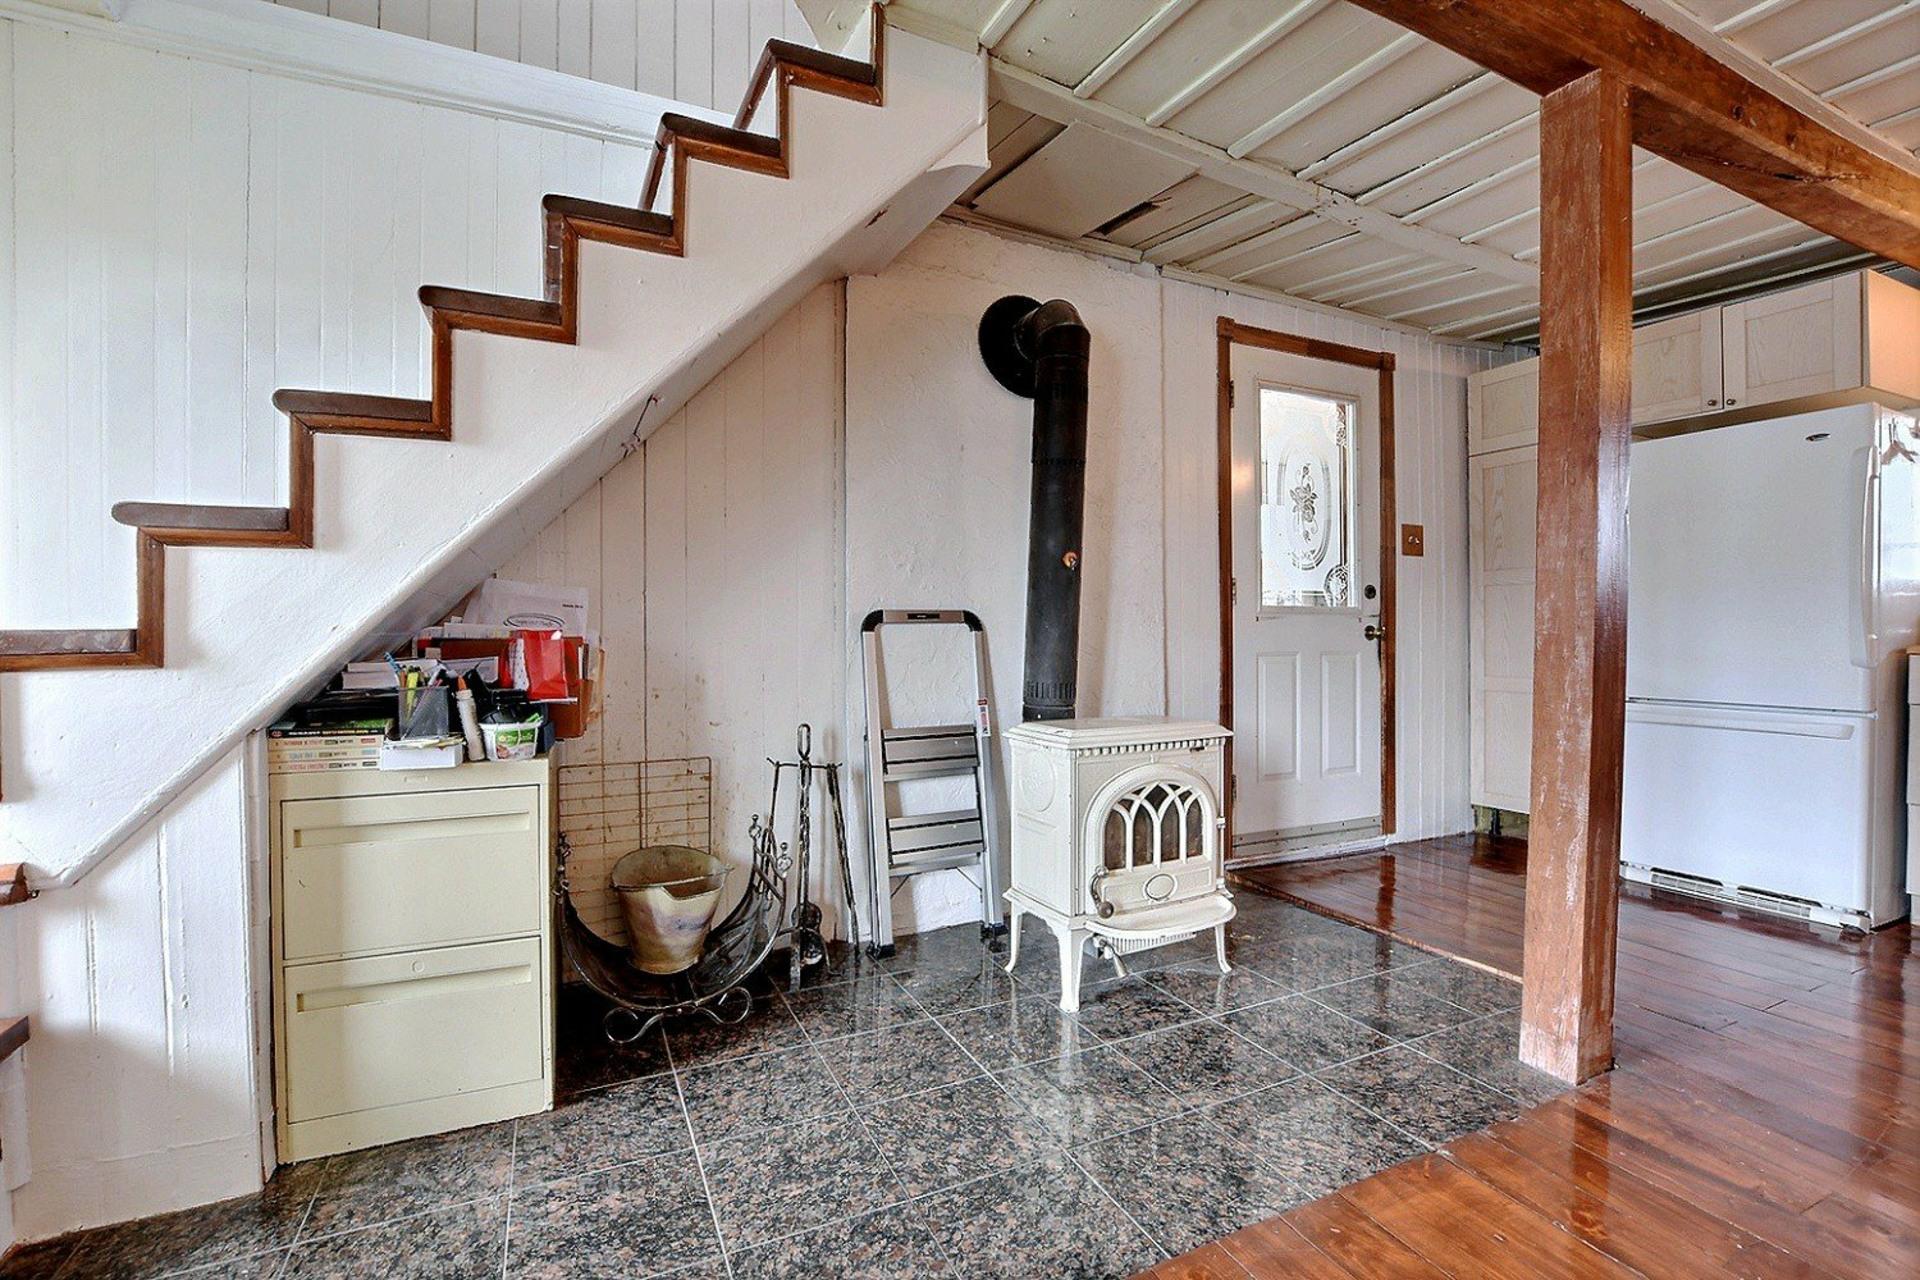 image 2 - Maison À vendre Saint-Joseph-du-Lac - 8 pièces